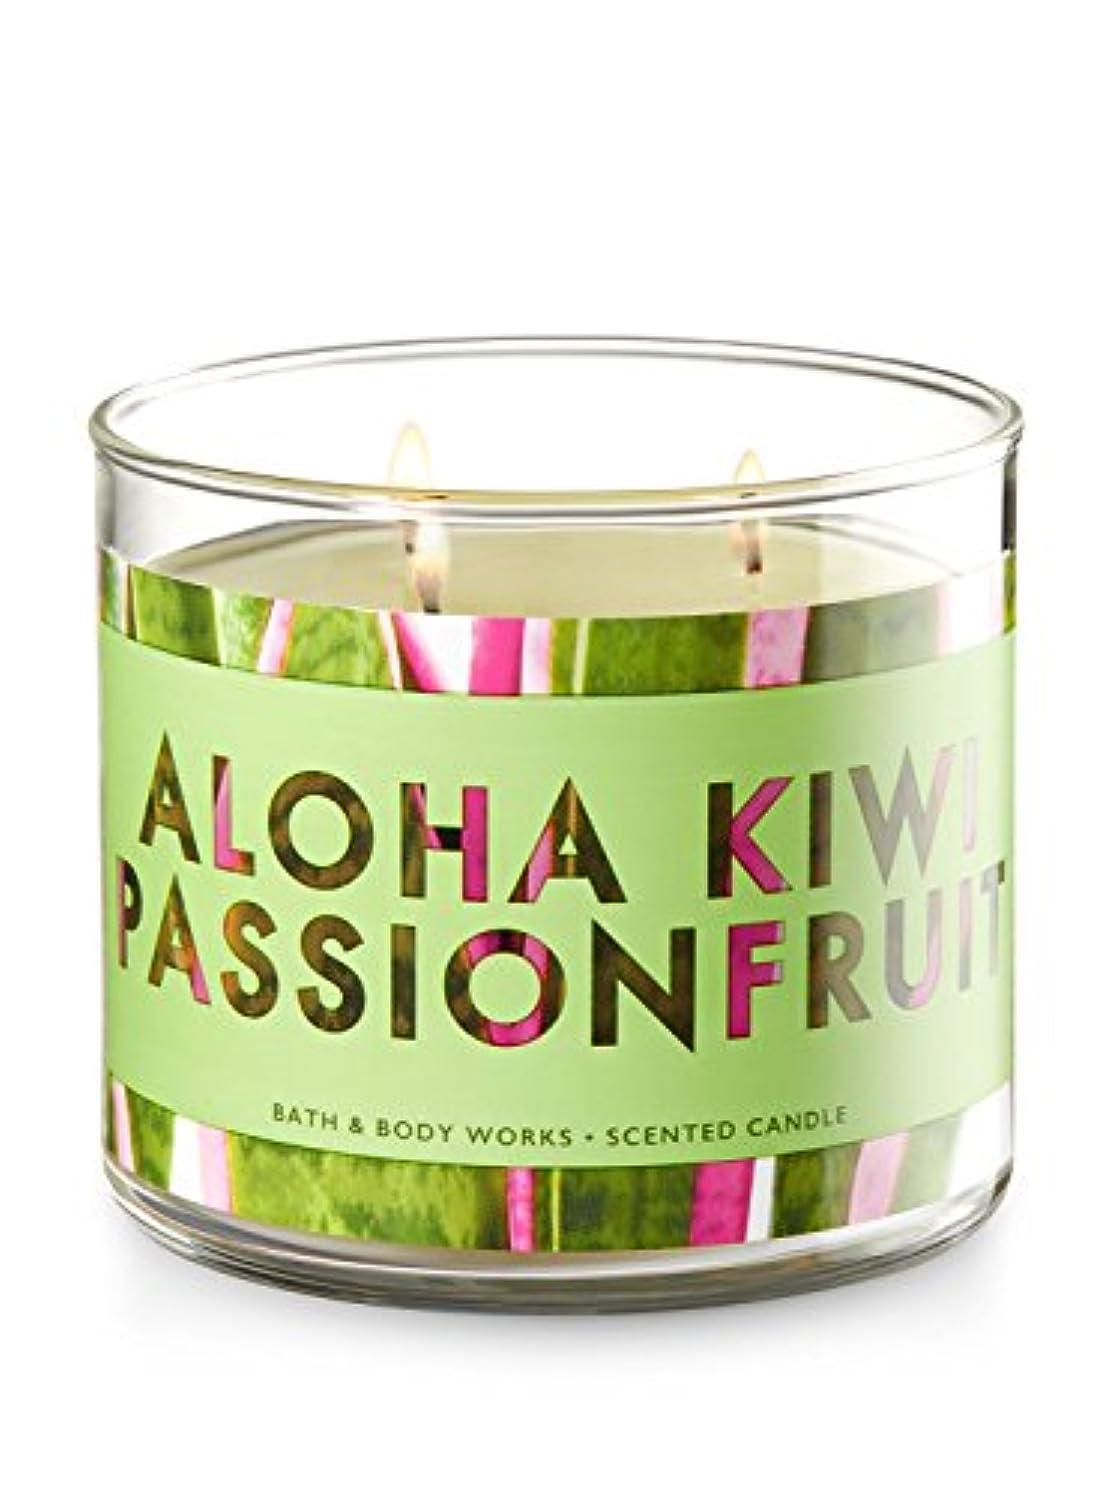 最大の明確な私たちのBath and Body Works 3 Wick Scented Candle Aloha Kiwi Passionfruit 430ml